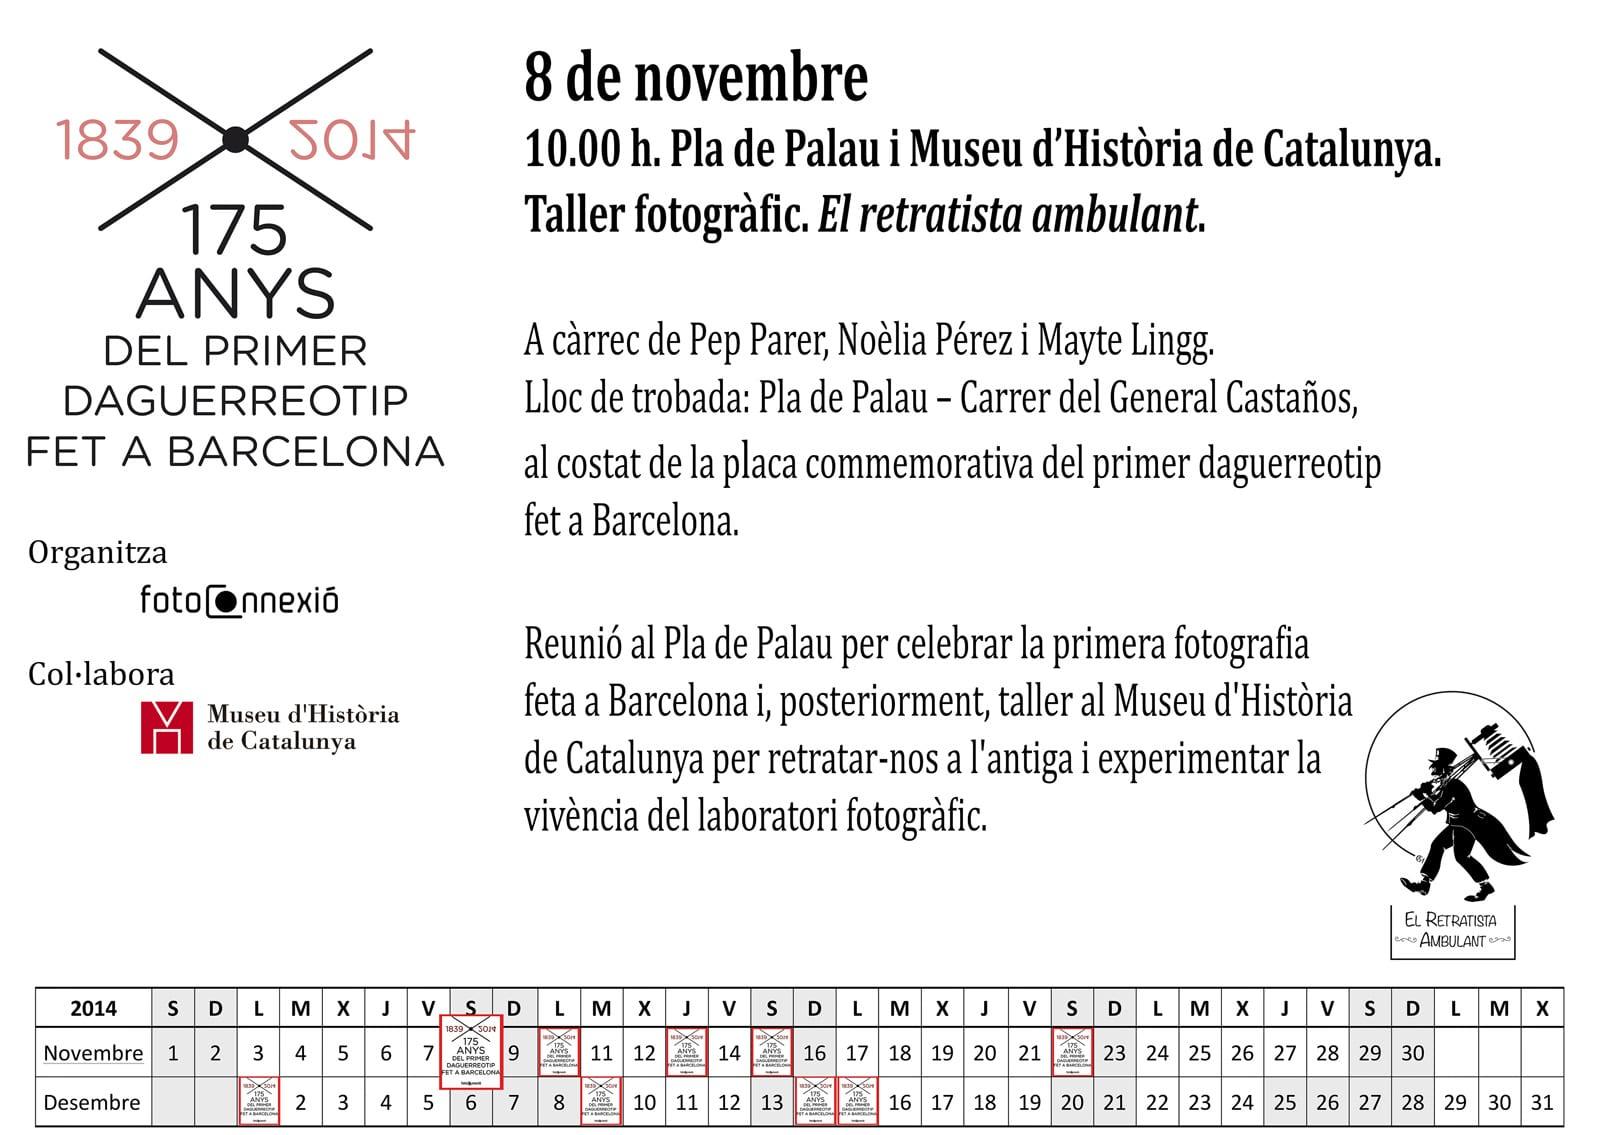 175 ANYS del primer daguerreotip fet a Barcelona (1839 – 2014). 8/11/2014